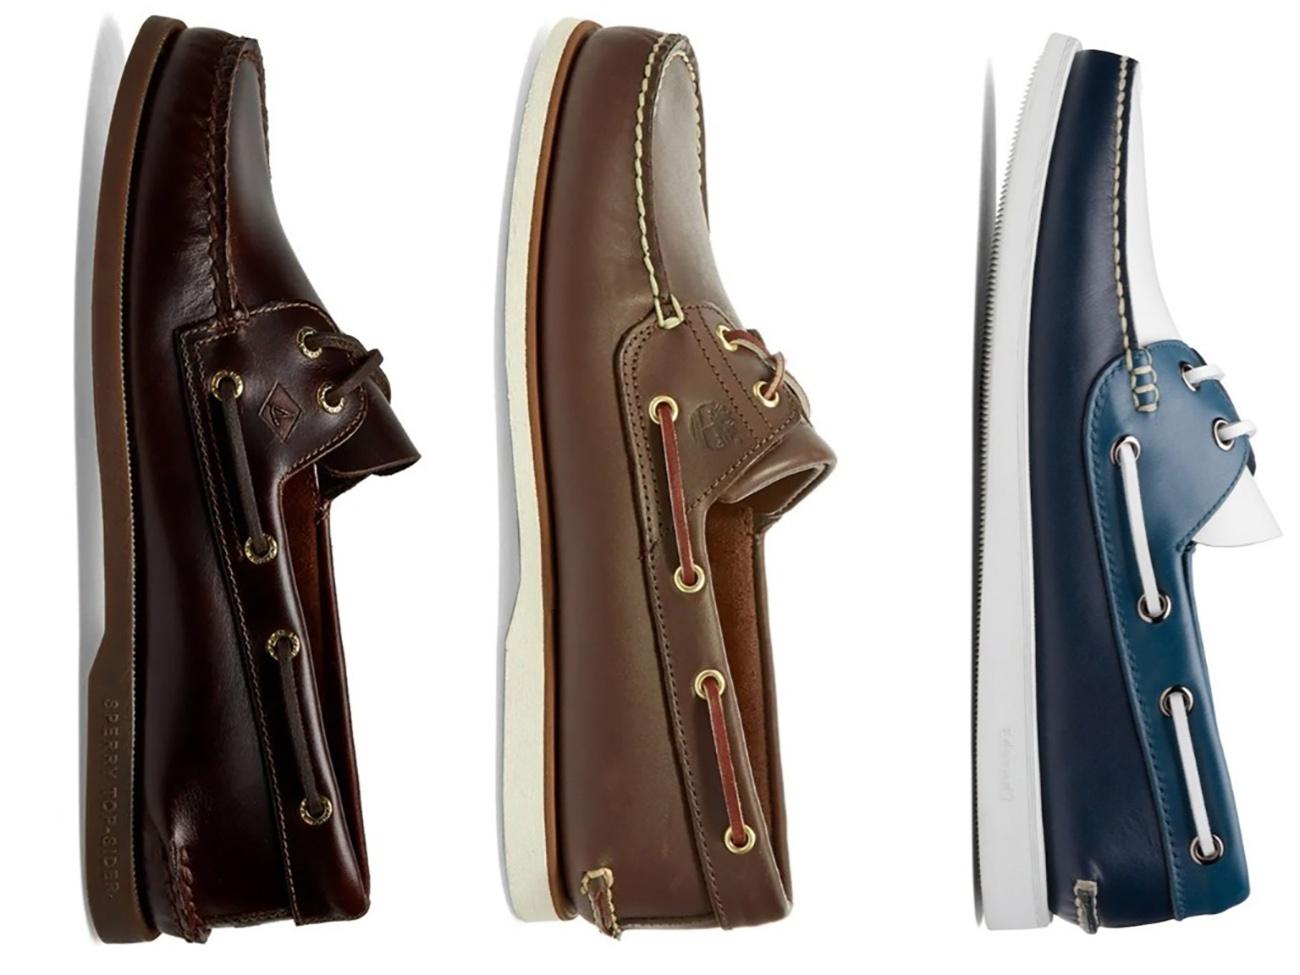 Αυτά είναι τα ιδανικά παπούτσια για τους καλοκαιρινούς μήνες